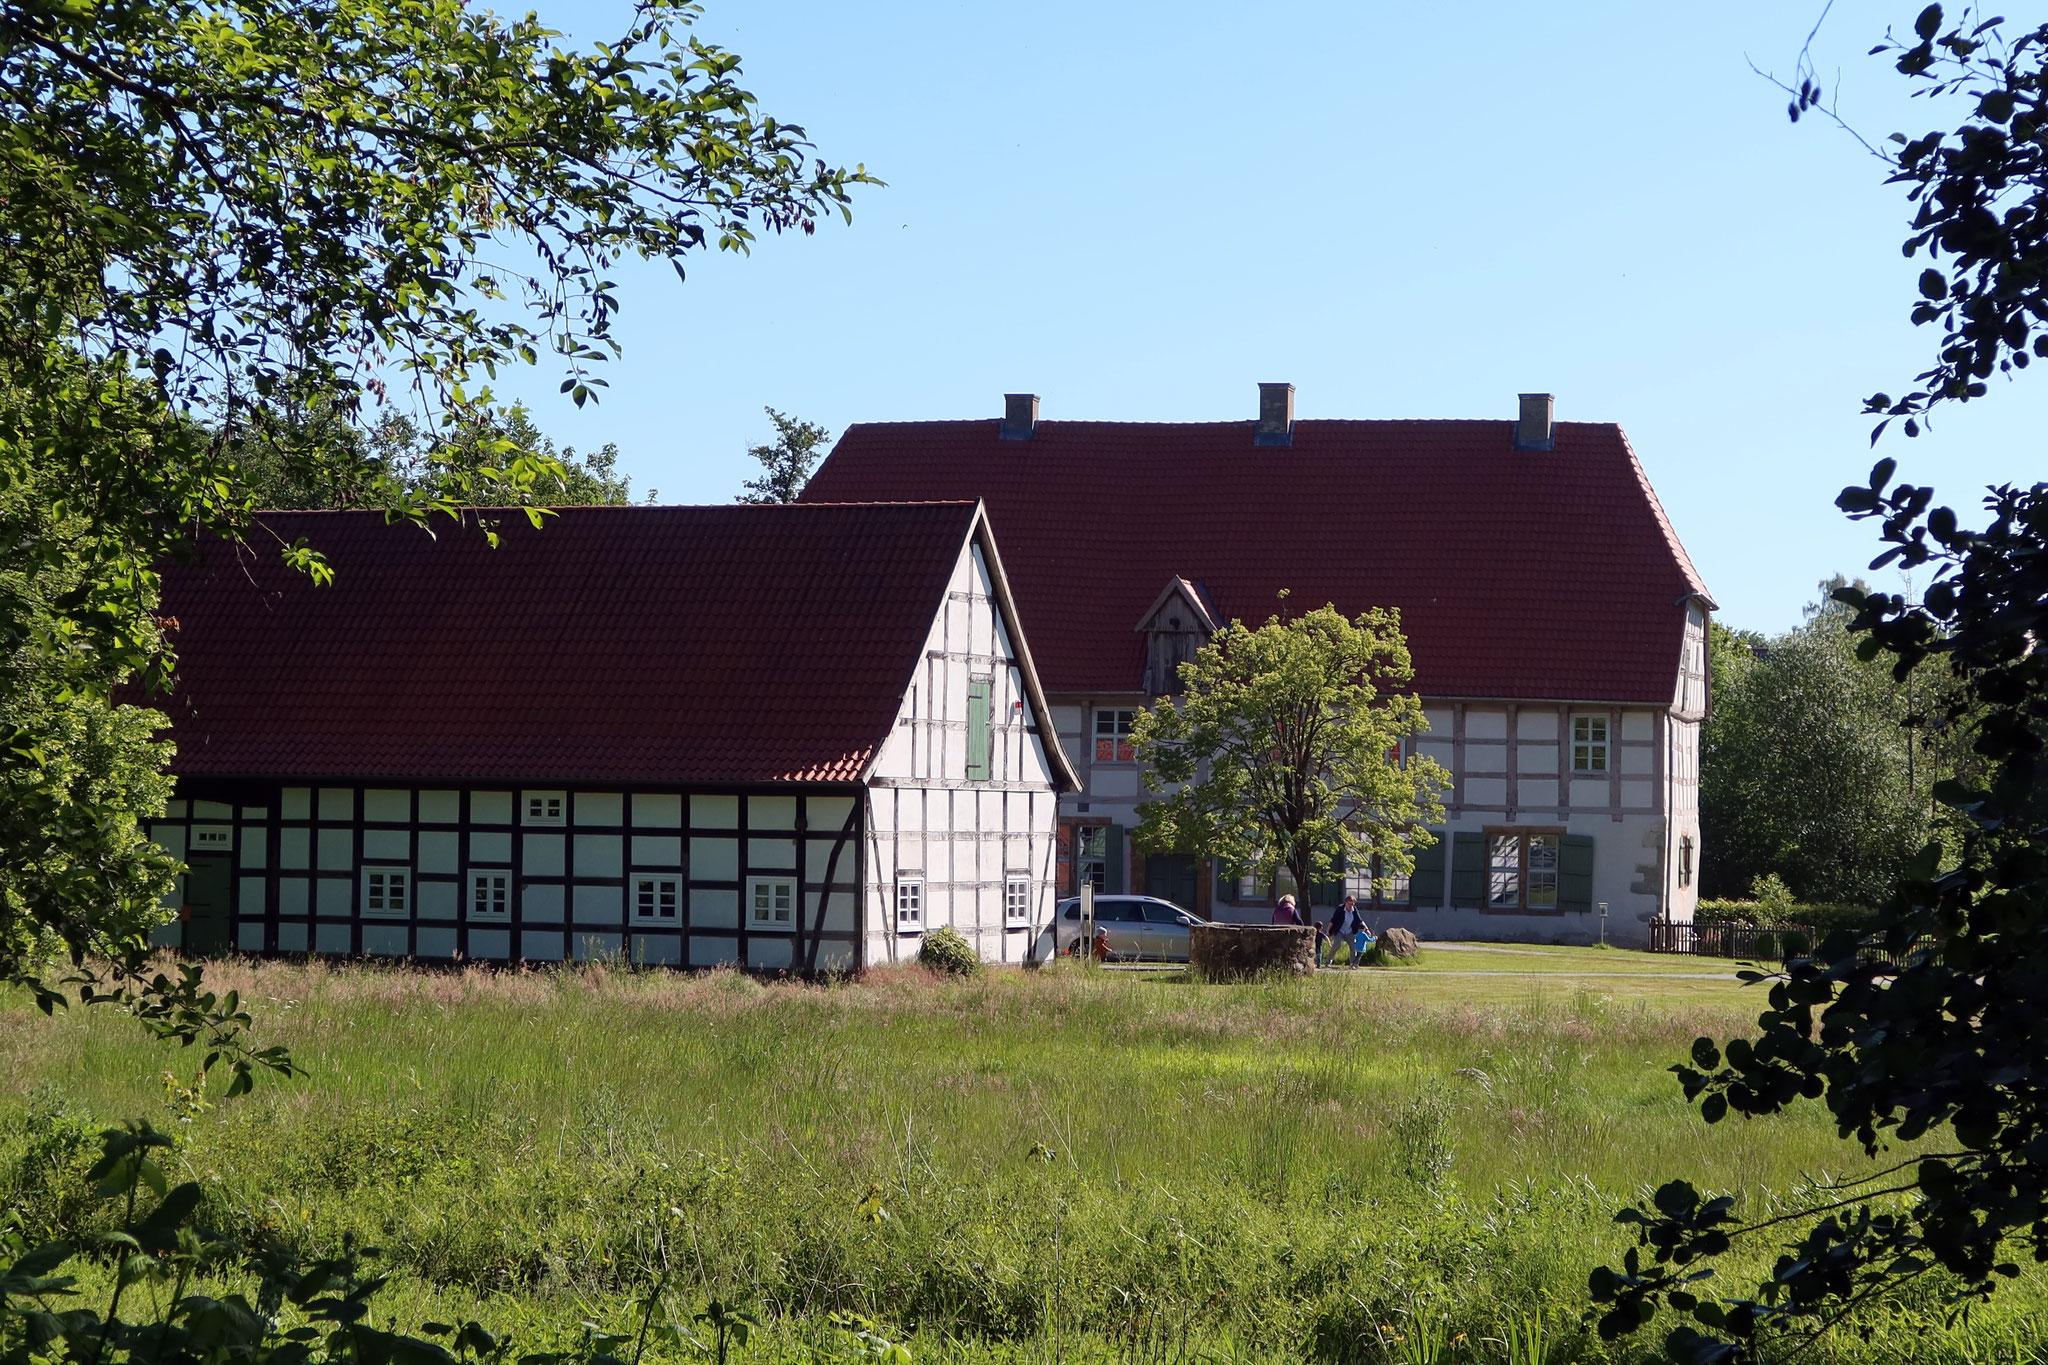 Werburg in Spenge - ehemalige Wasserburg der Adelsfamilie von Ledebur